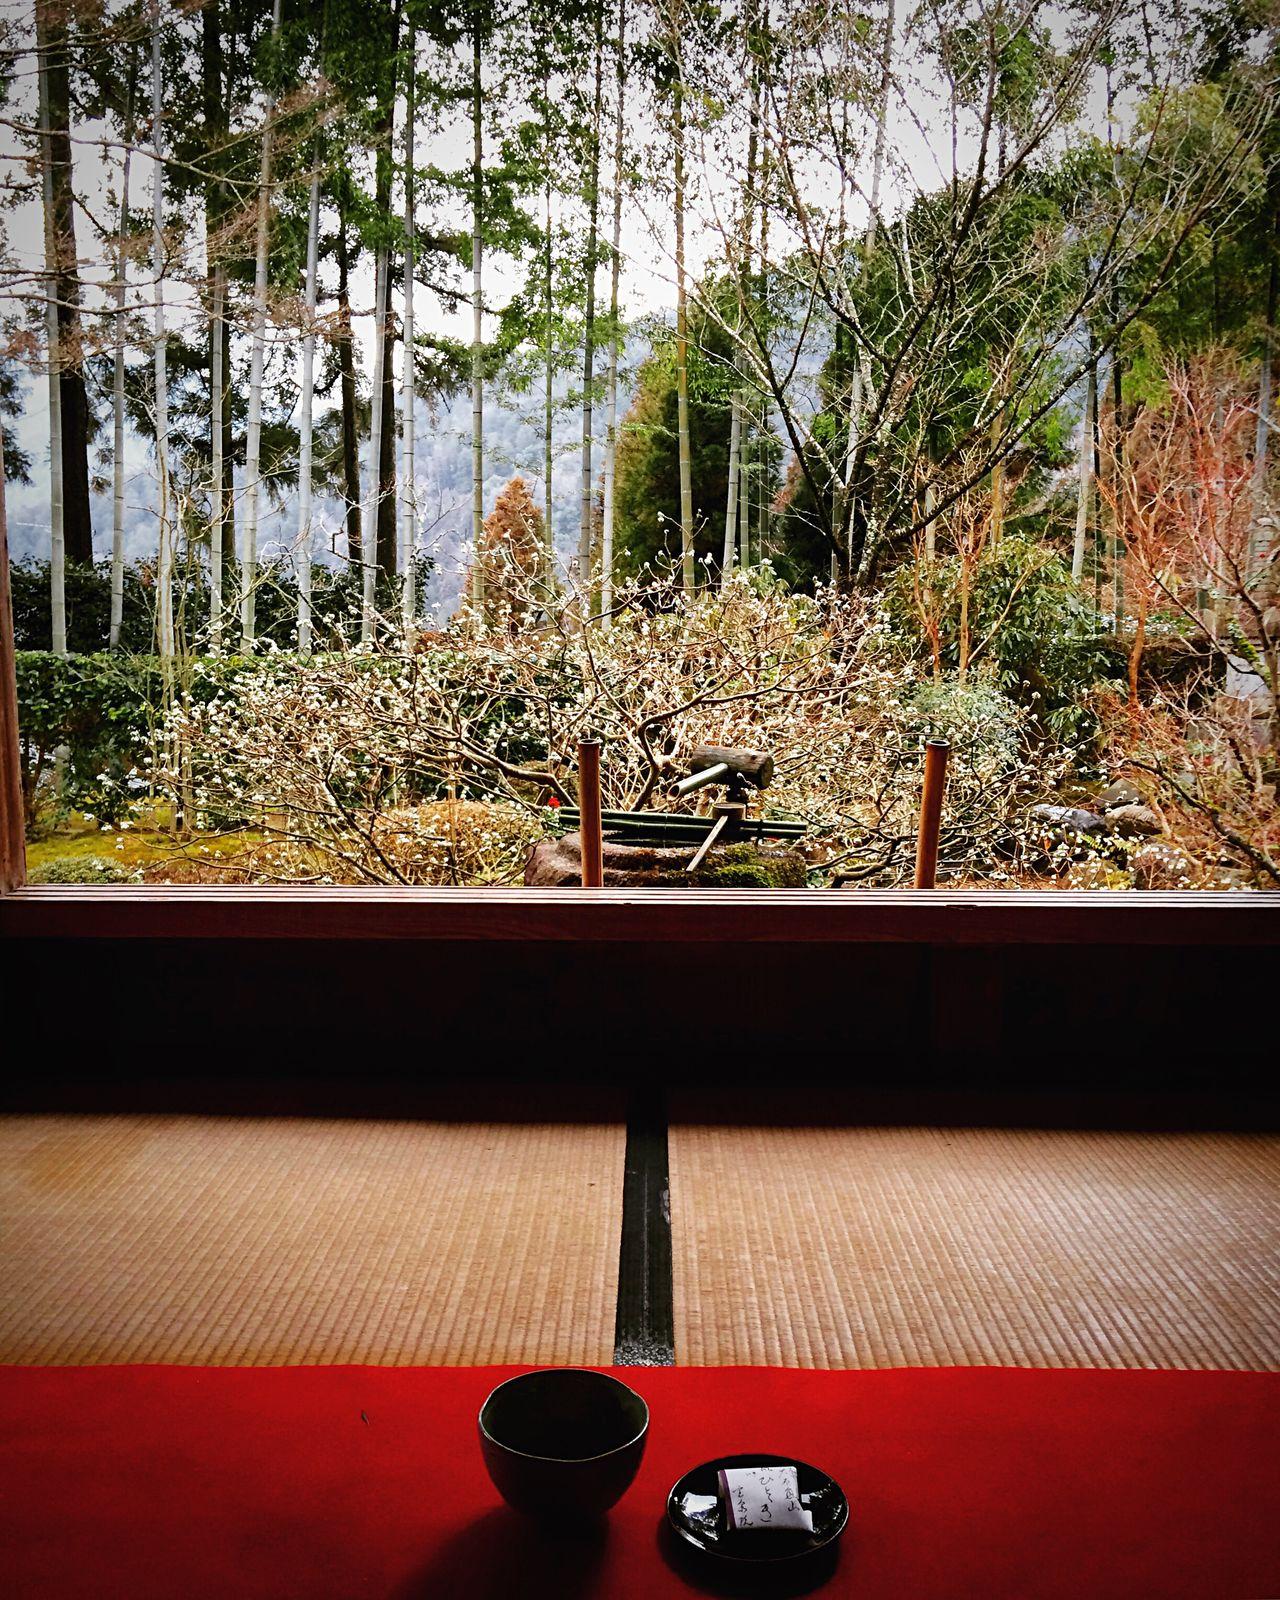 宝泉院 大原 京都 Kyoto Kyoto, Japan Travel Destinations 3XSPUnity Beauty In Nature Hello World Kyoto Garden Enjoying Life Relaxing Japanese Garden